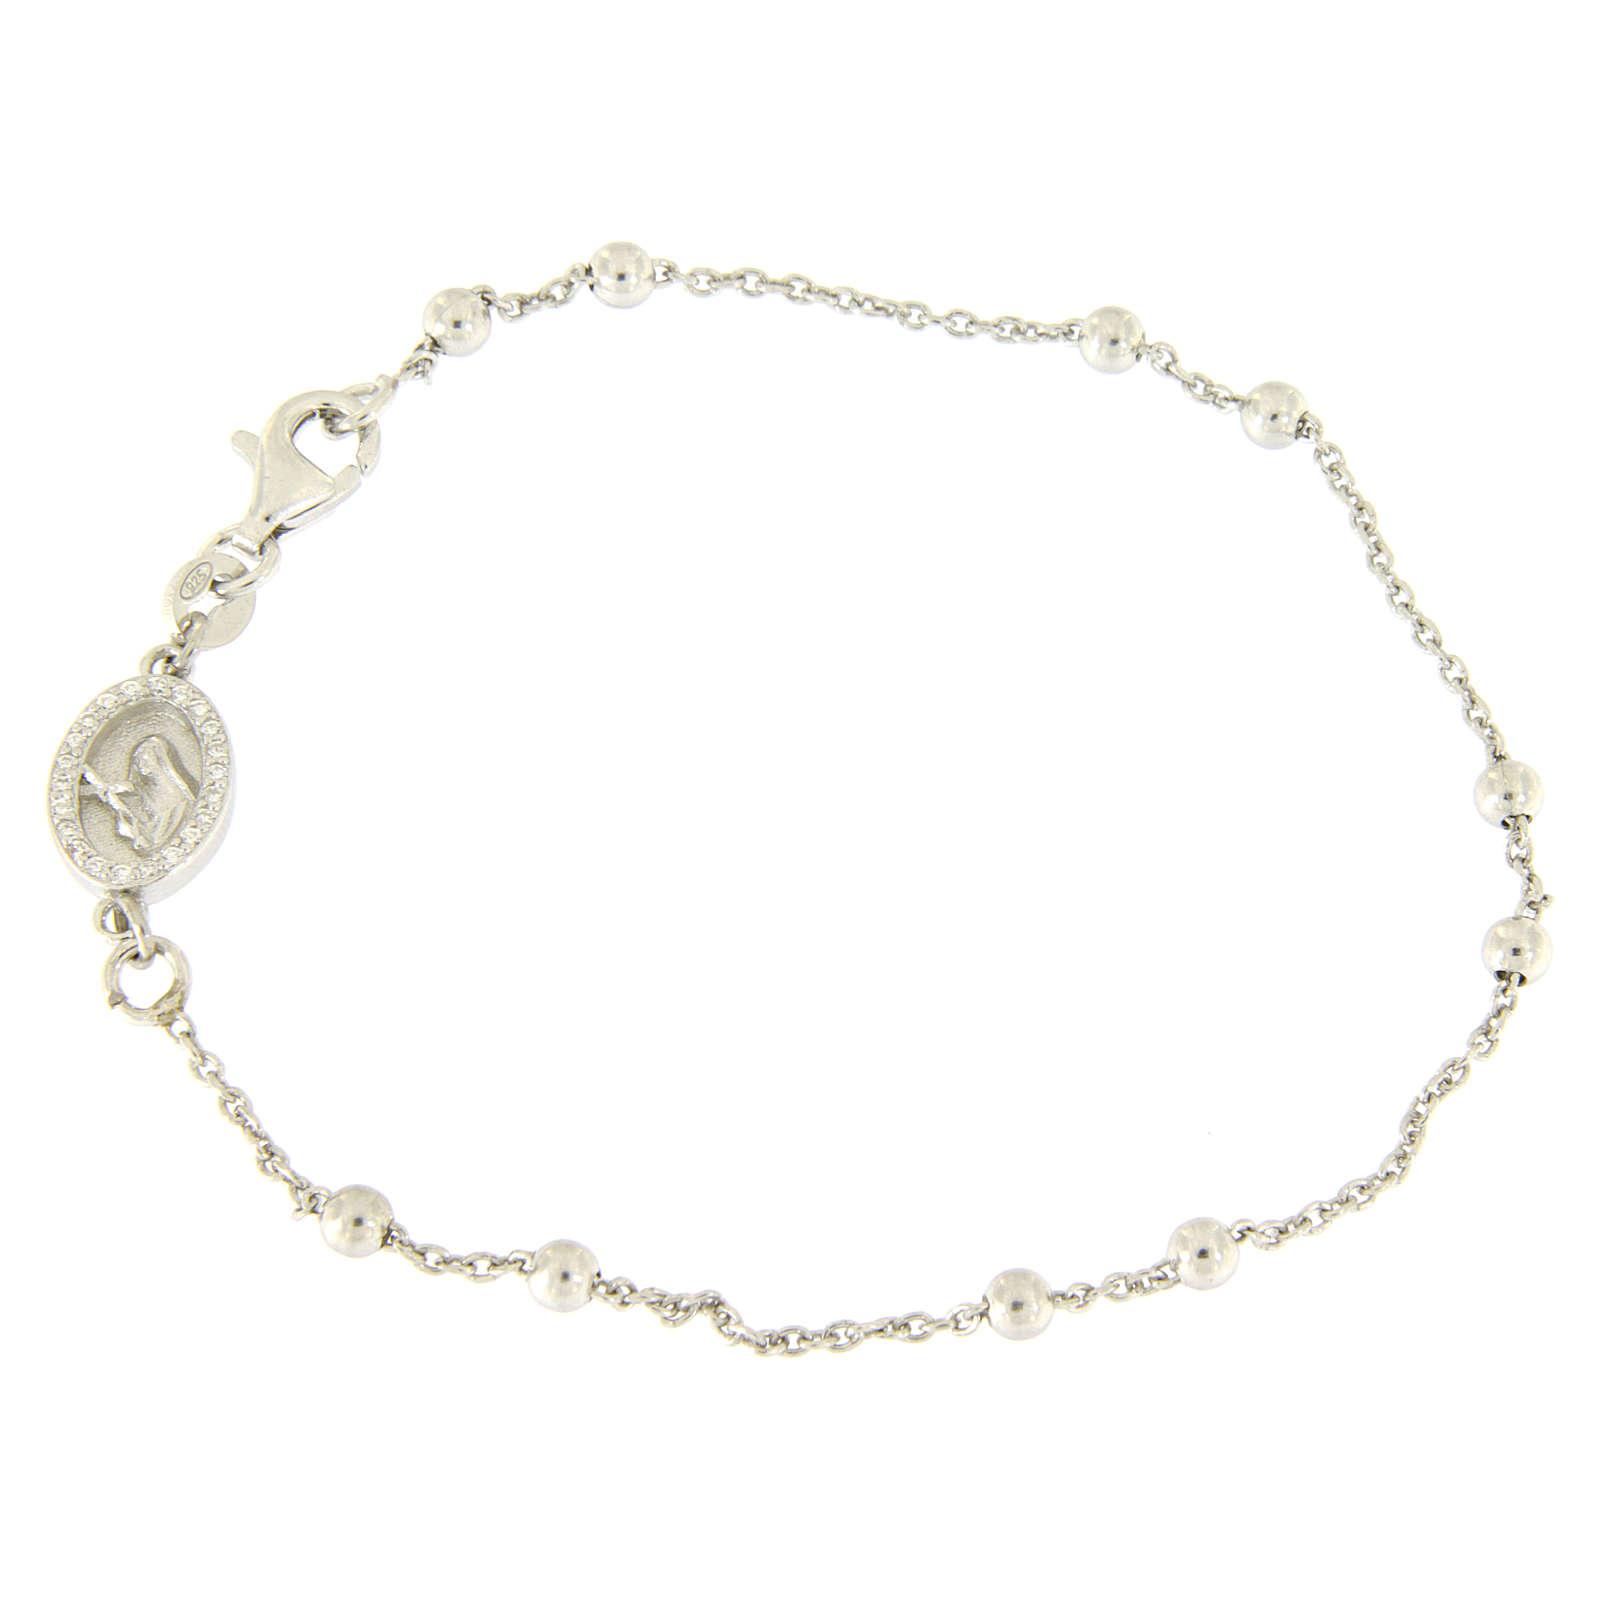 1bb83454111a Pulsera piedras de plata 925 y pequeña medalla imagen religiosa con  zircones blancos 4